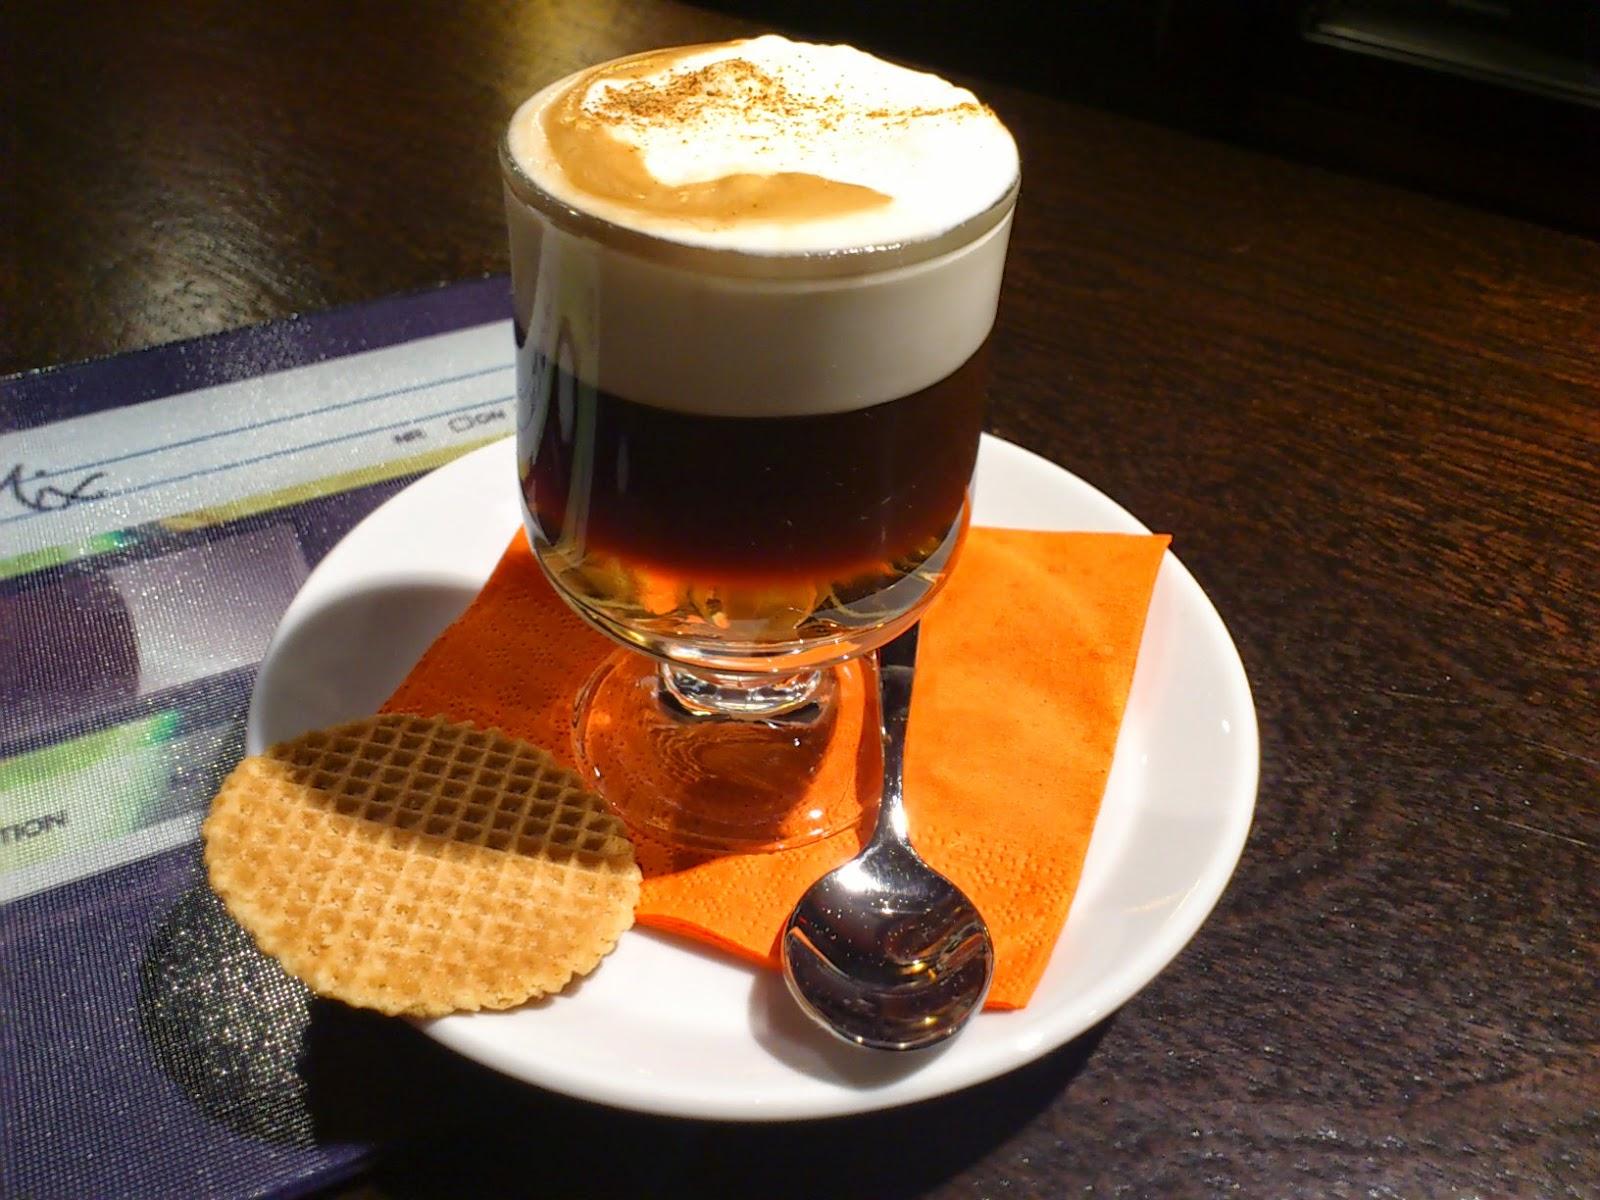 café con ron flambeado nespresso moderno